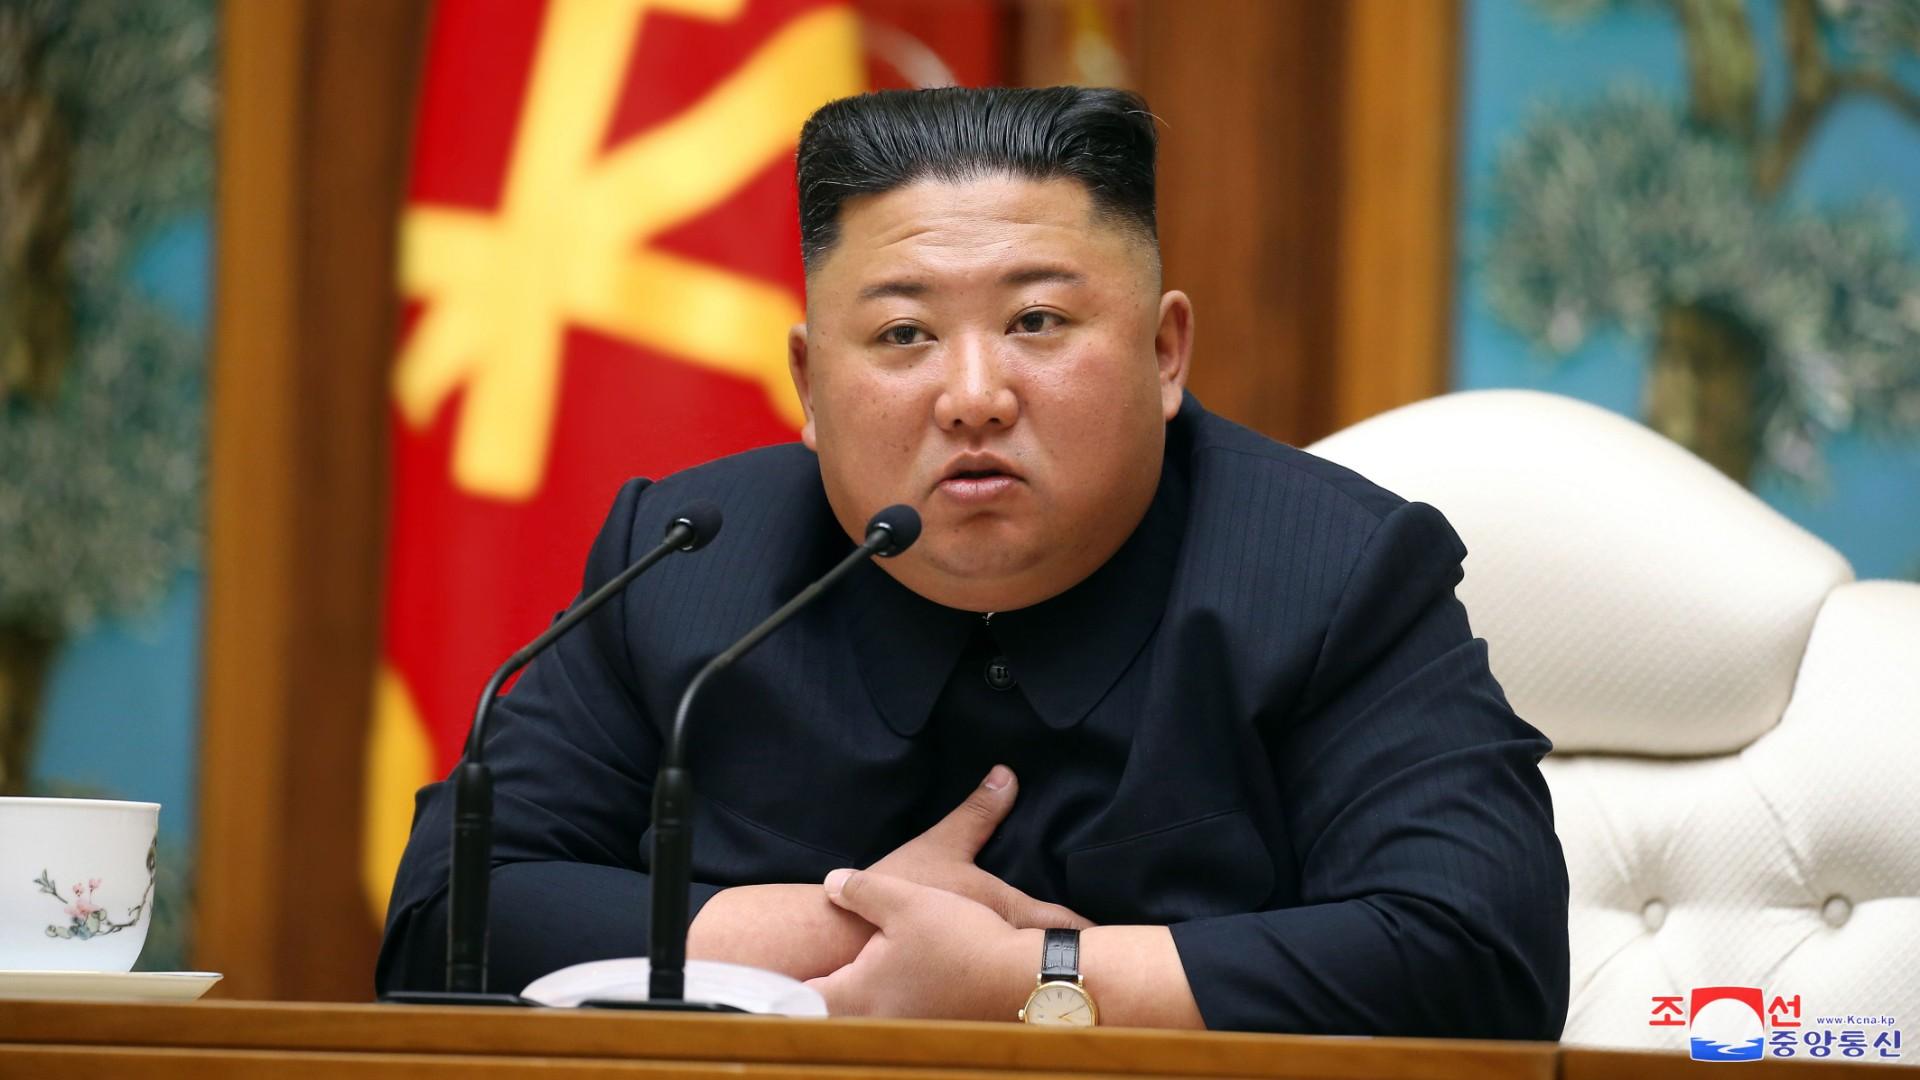 Ir al VideoCorea del Sur desconoce que sean ciertas las informaciones sobre los problemas de salud de Kim Jong-un